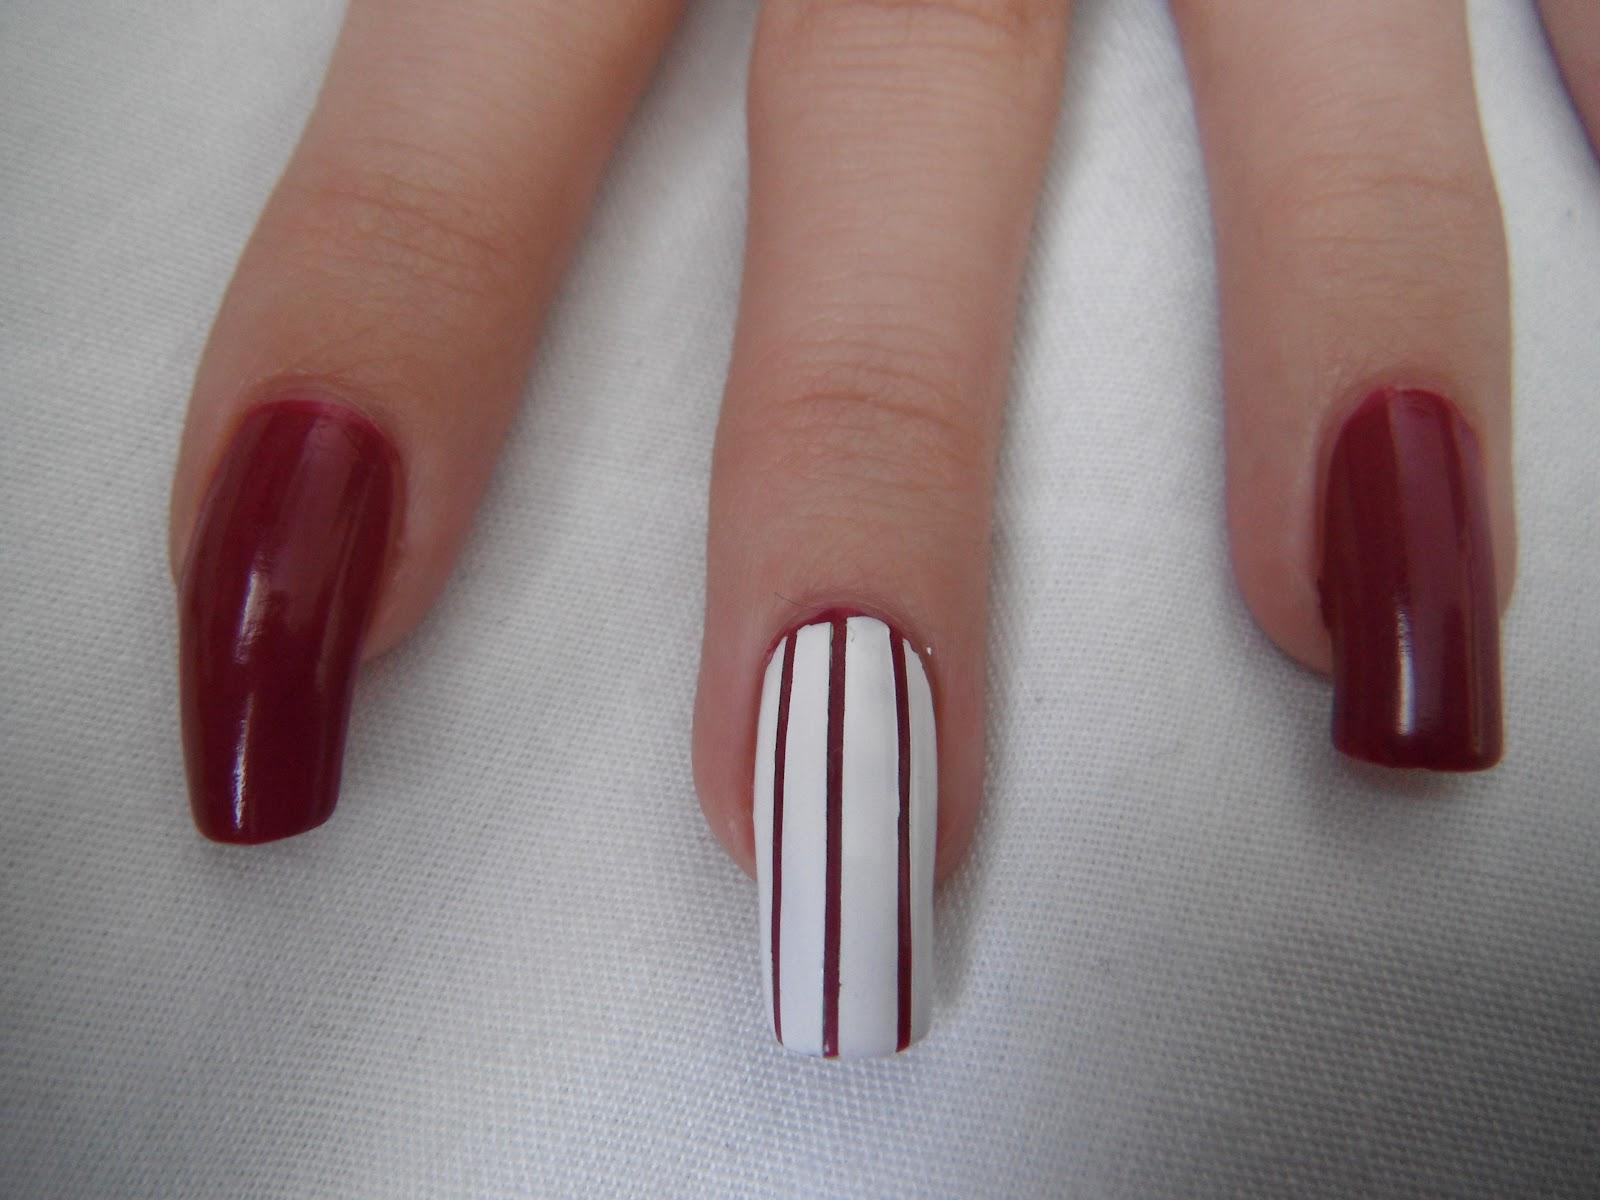 Nail Designs That Make Nails Look Longer | Nail Art Designs